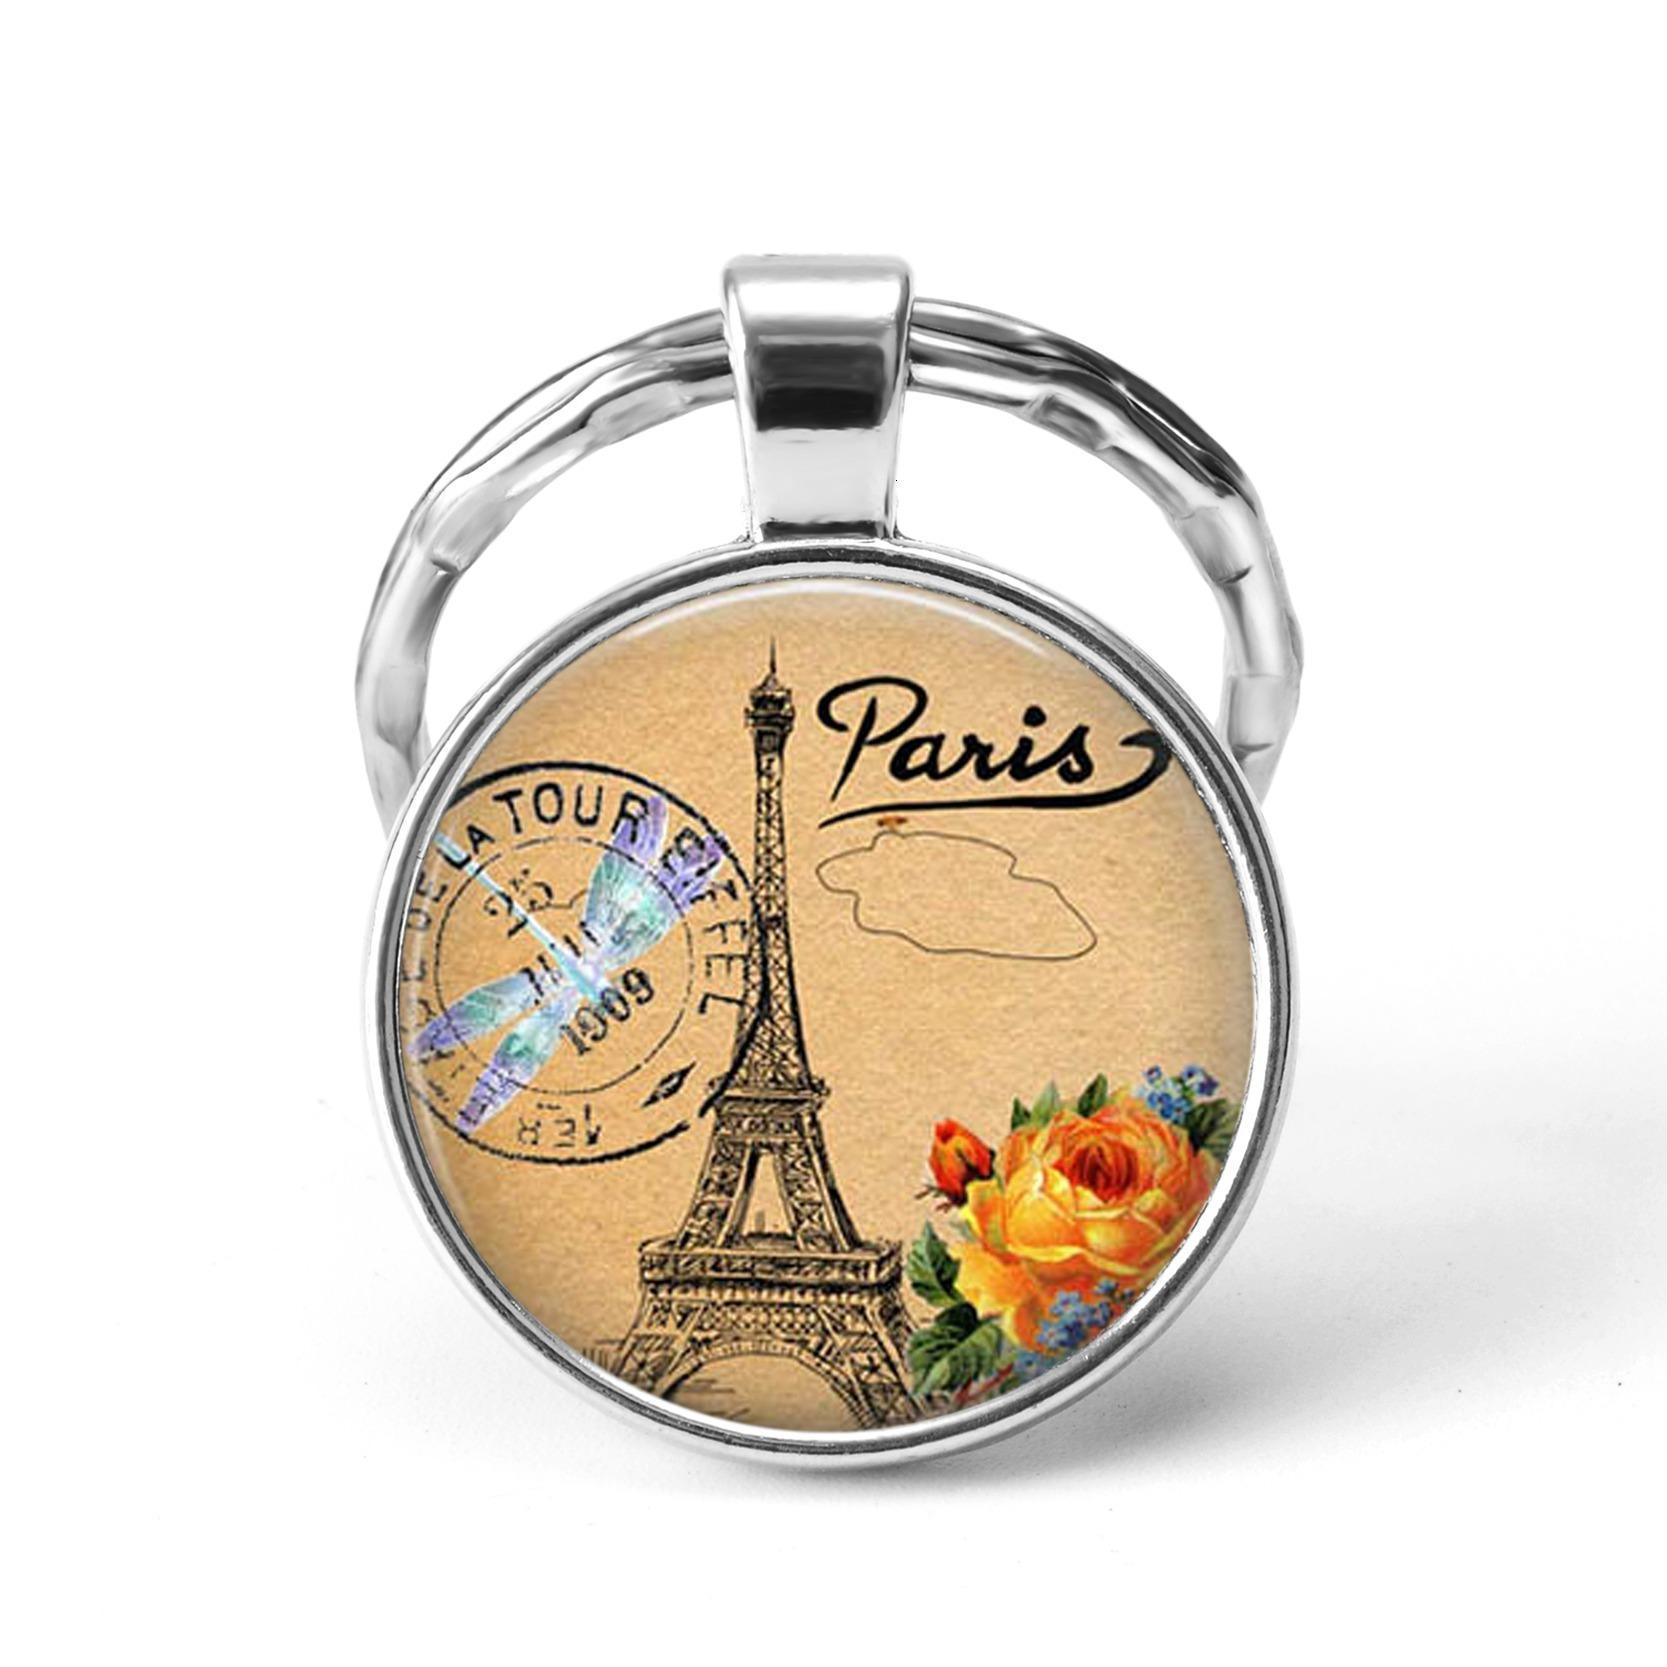 Mode Paris Porte-clés Tour Eiffel Cathédrale Notre-Dame Versailles Louvre qu'image en verre pendentif porte-métal